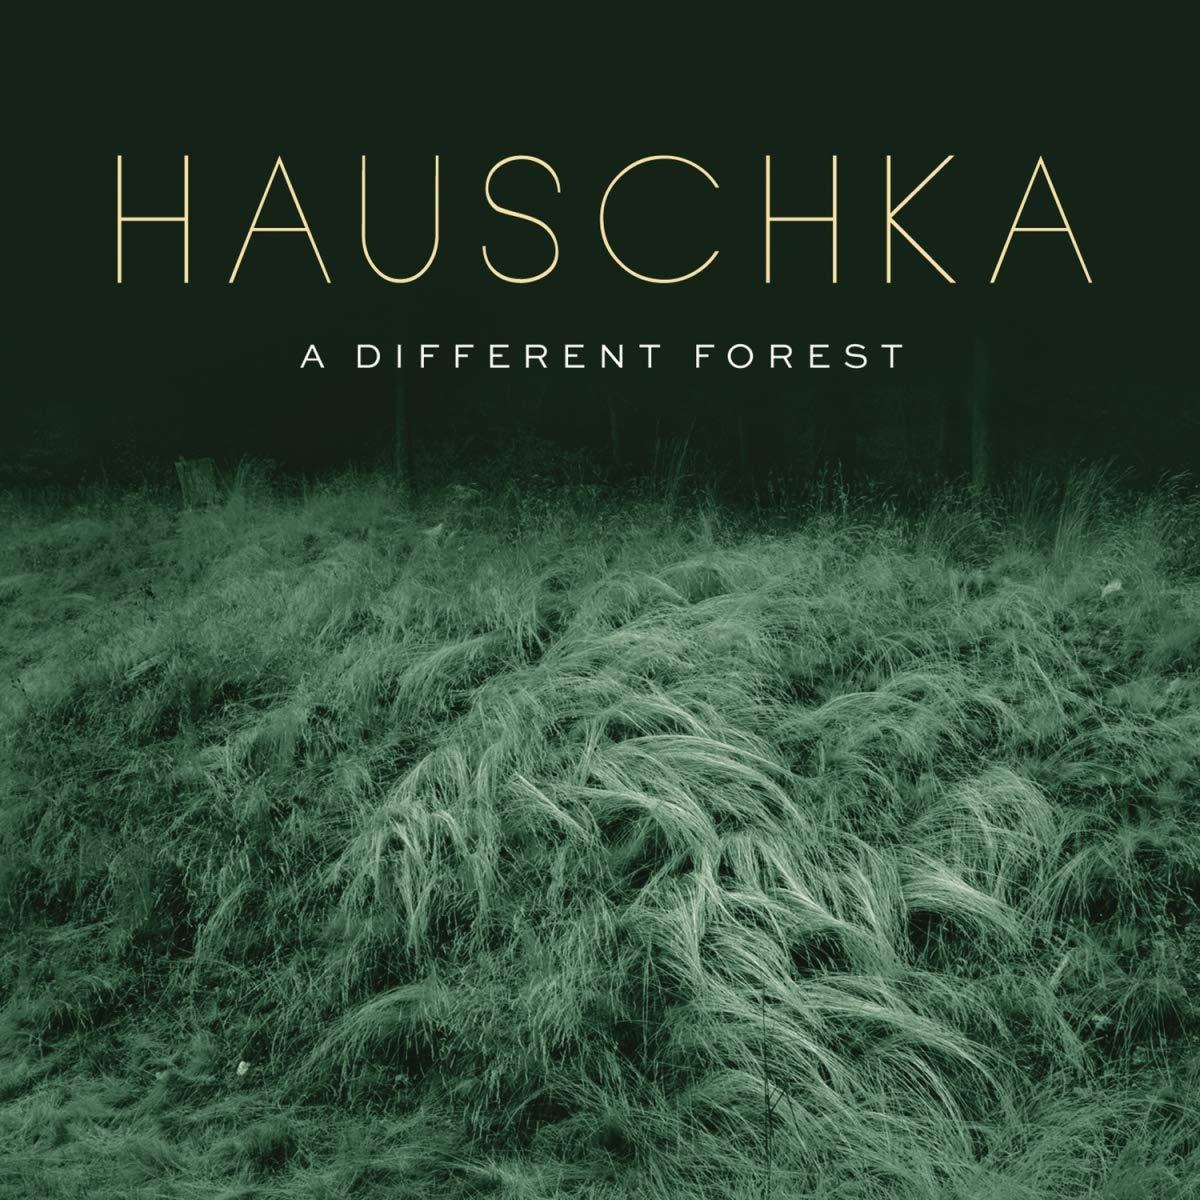 Vinilo : Hauschka - Different Forest (LP Vinyl)